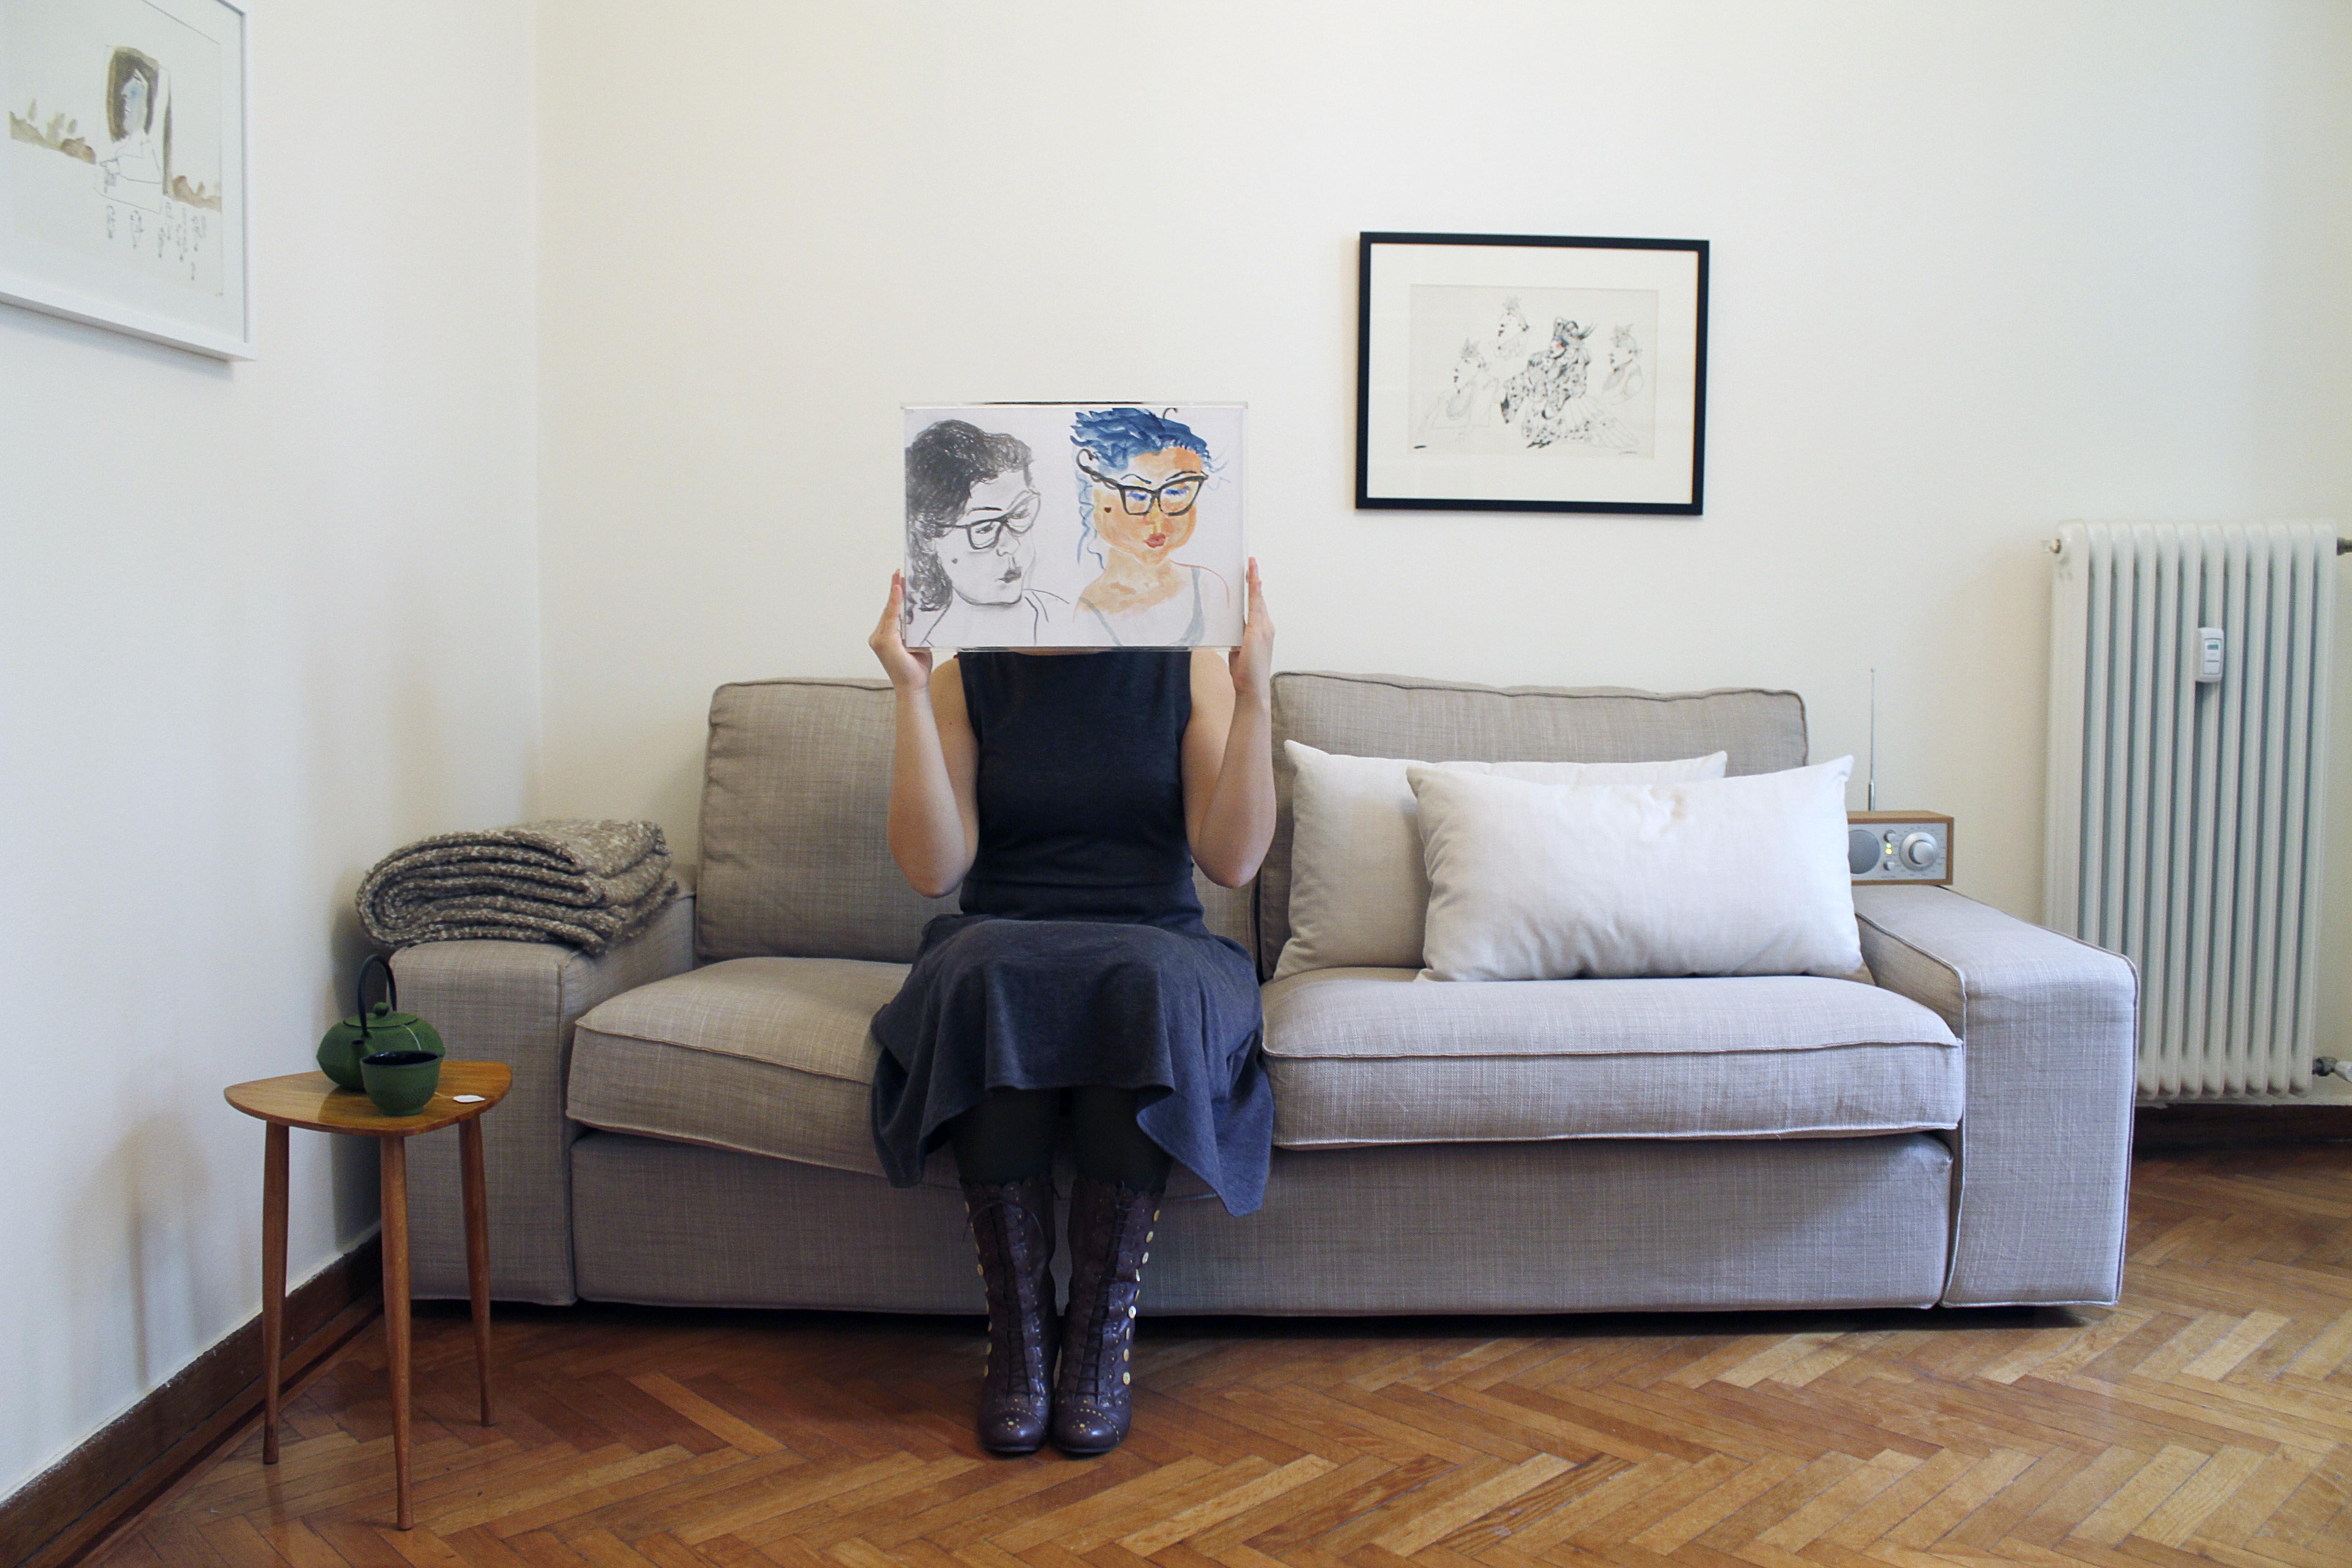 Sylvia Liouliou